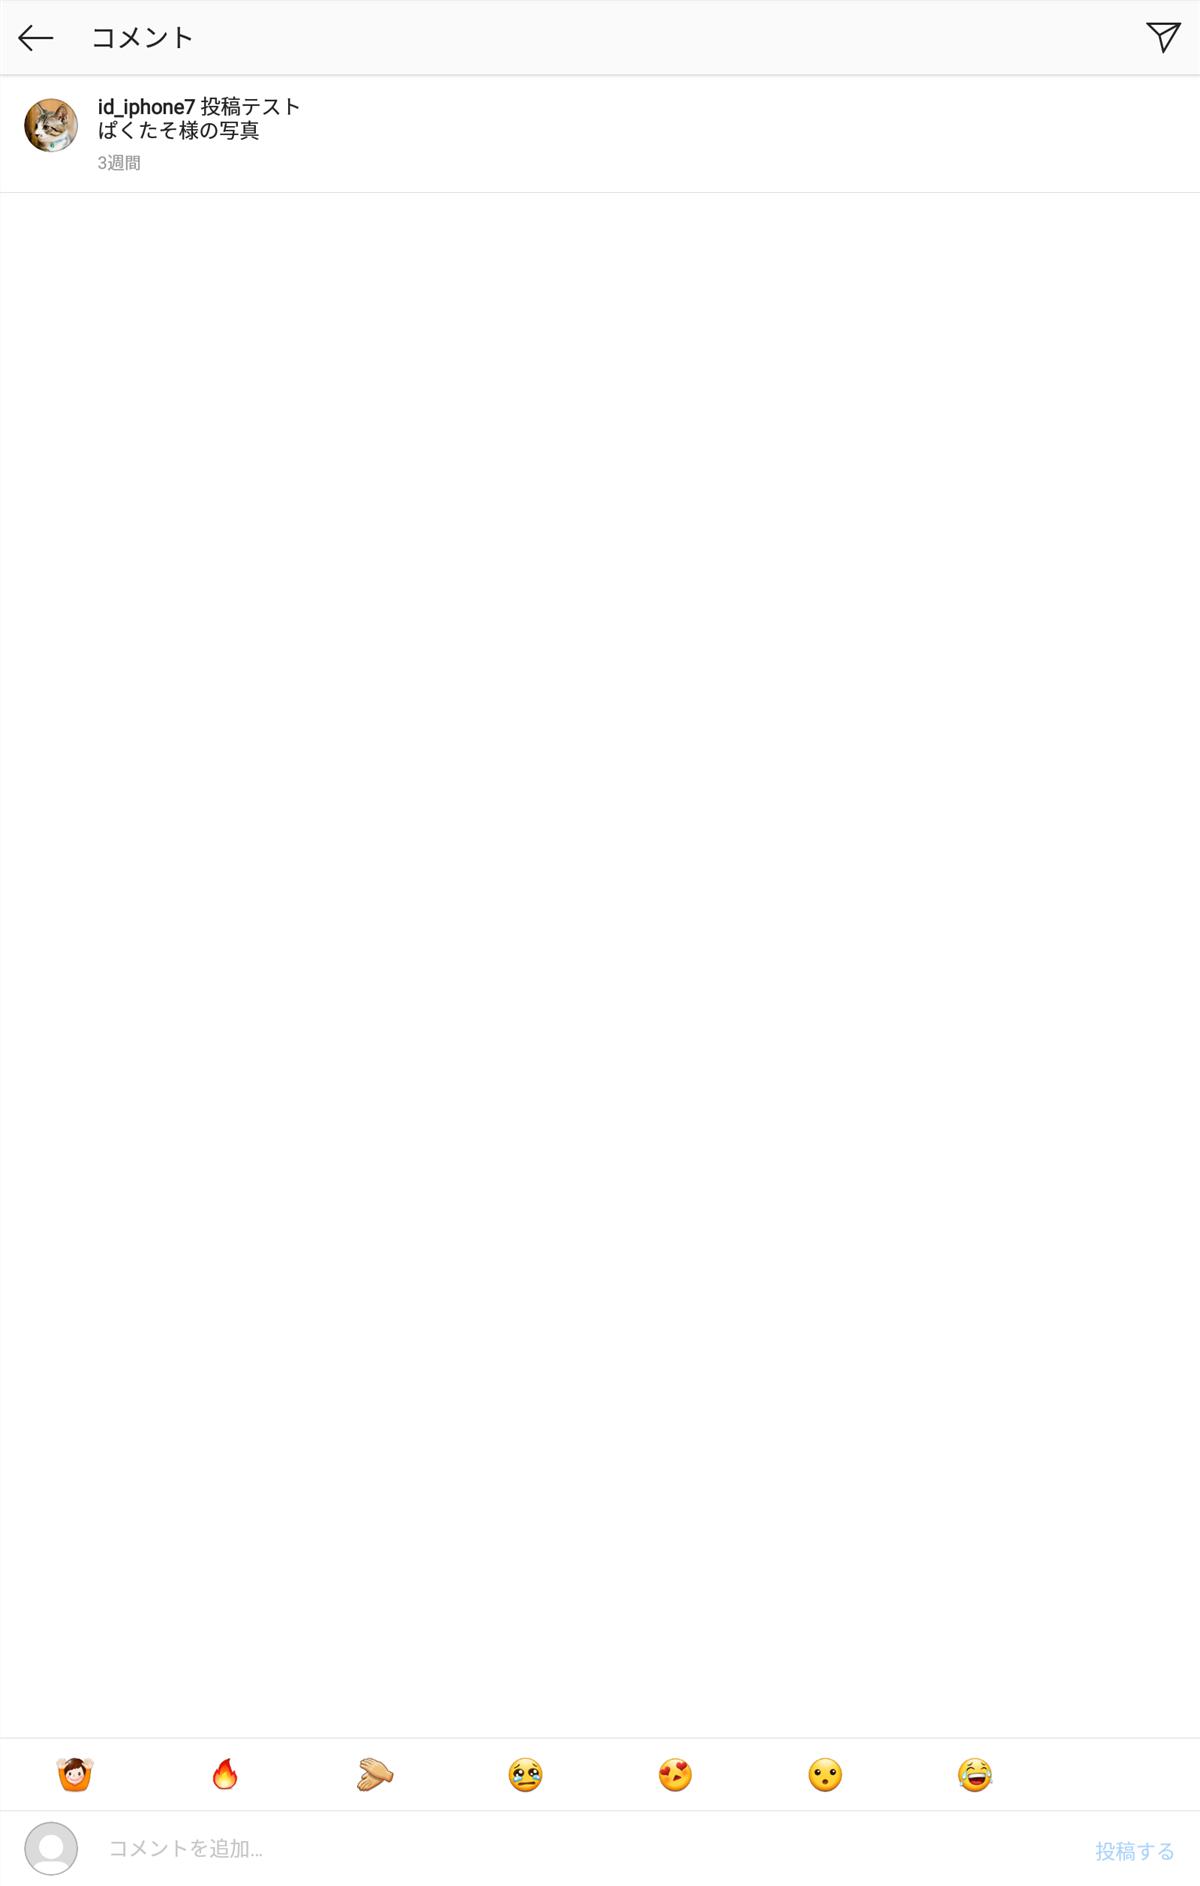 GalaxyTabS8.4_インスタグラム_コメント